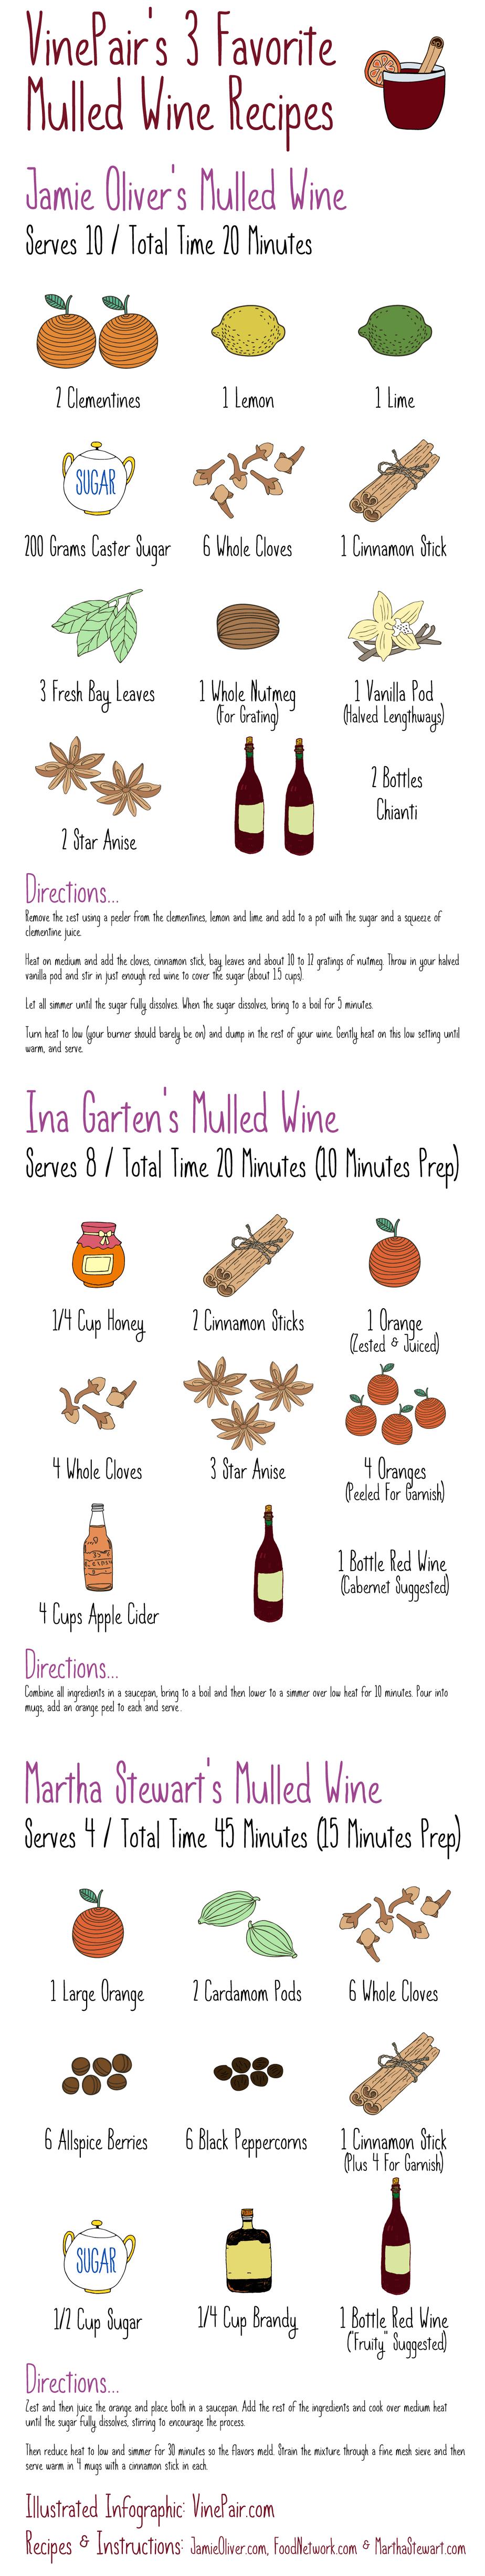 Mulled Wine Recipes Via Vinepair